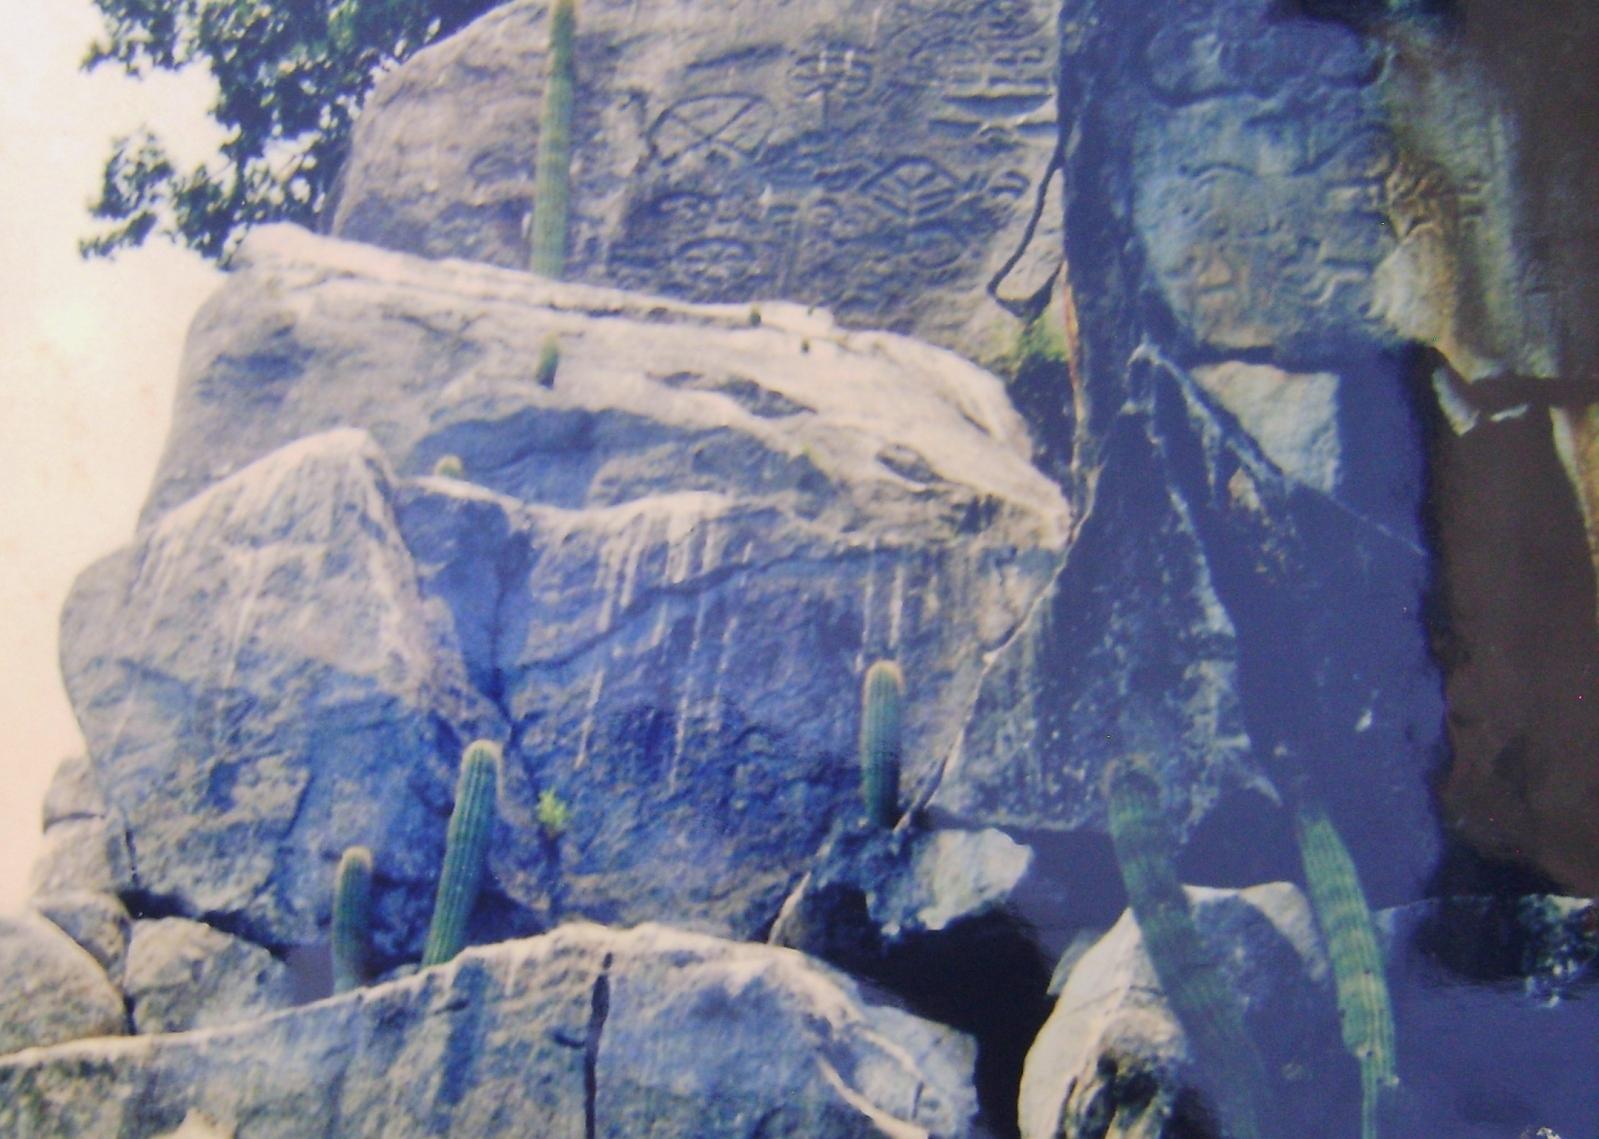 Un cerrito de Petróglifos Verdadero tesoro en Piedras 15ojj7s